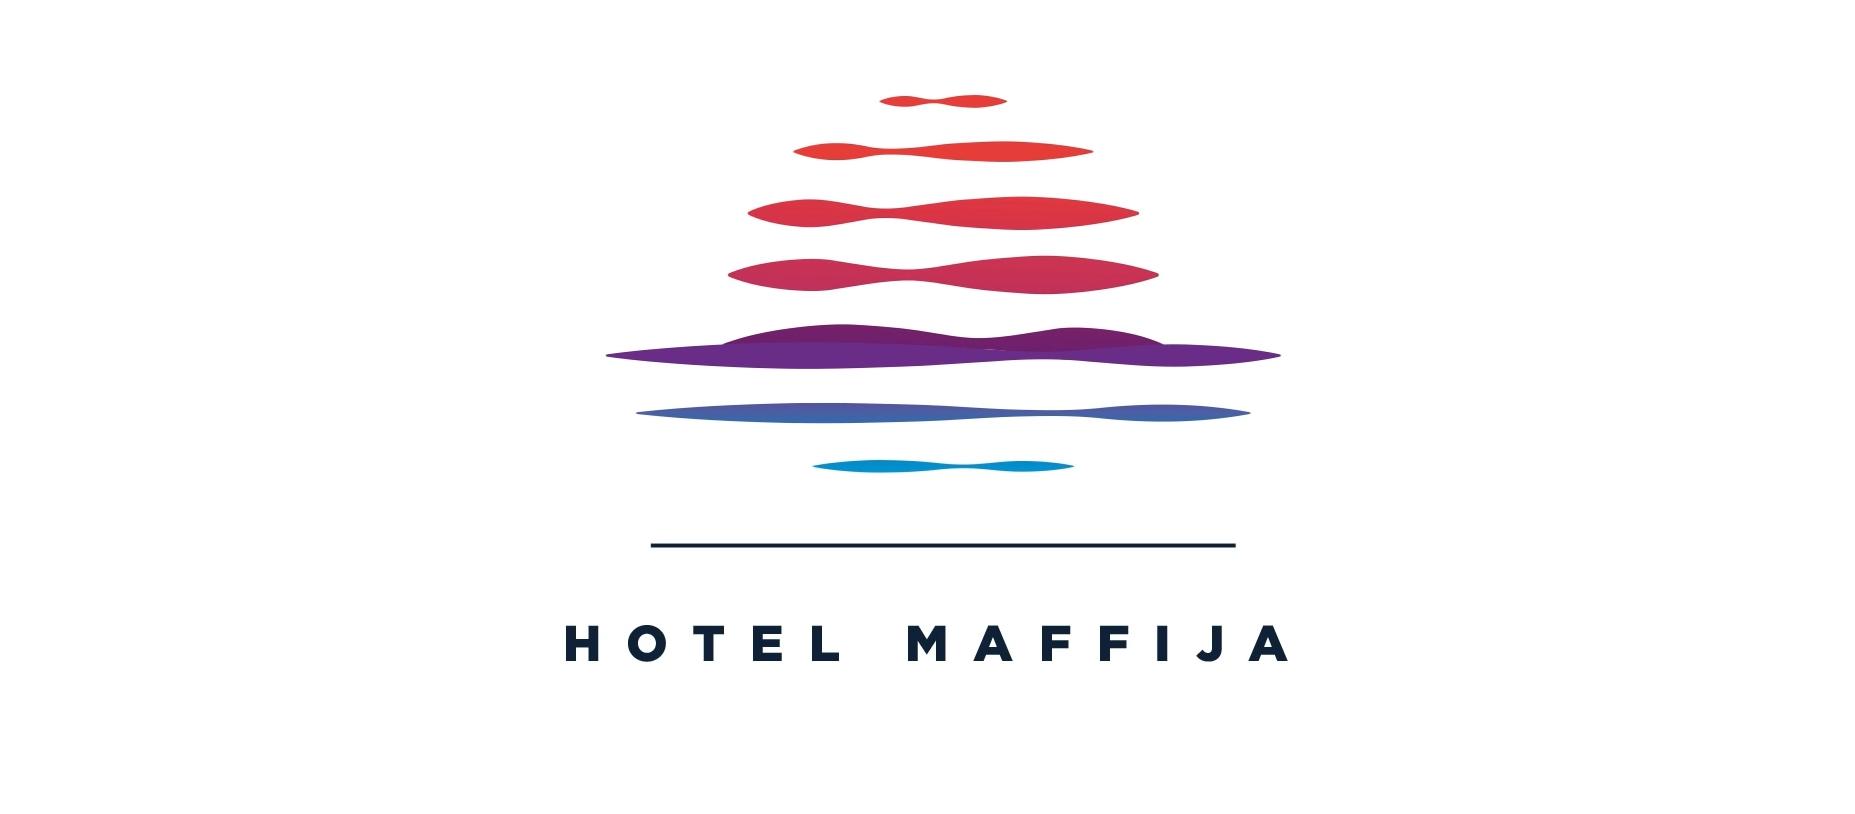 Hotel Maffija nadchodzi, w sieci nowy Gedz! || #DziejeSie